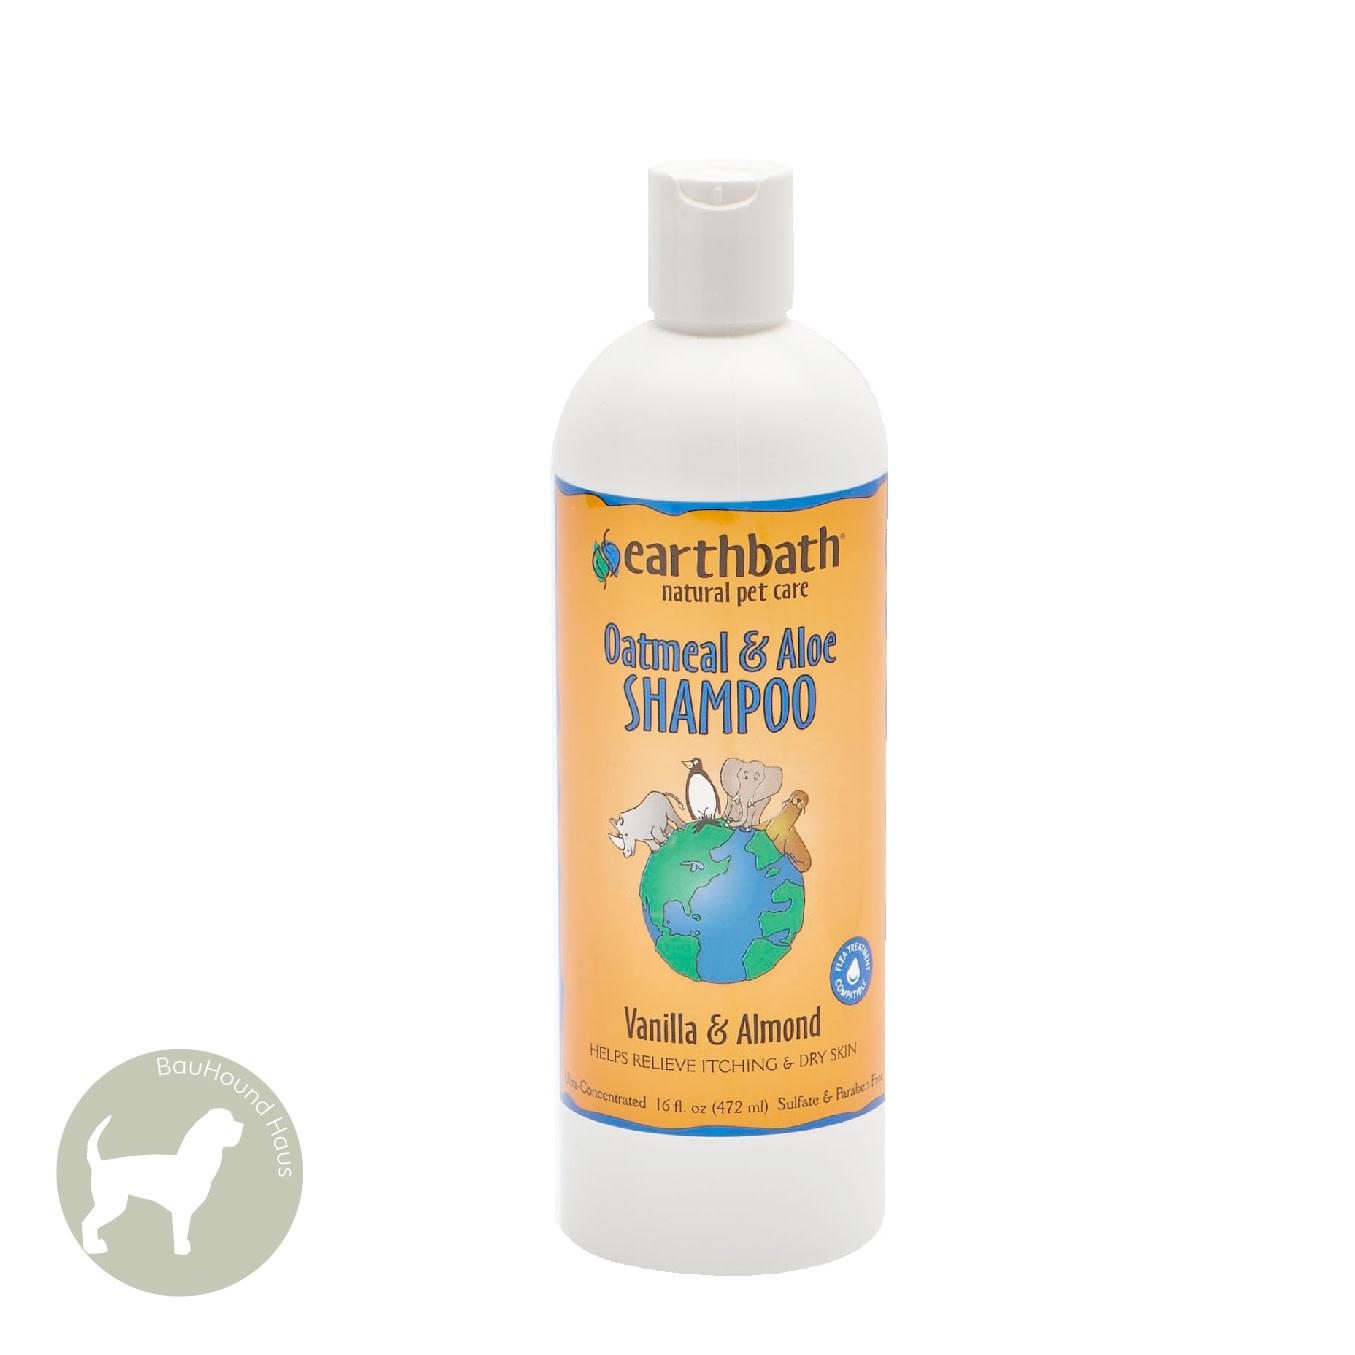 Earthbath Earthbath Oatmeal & Aloe Vanilla & Almond Shampoo, 472ml